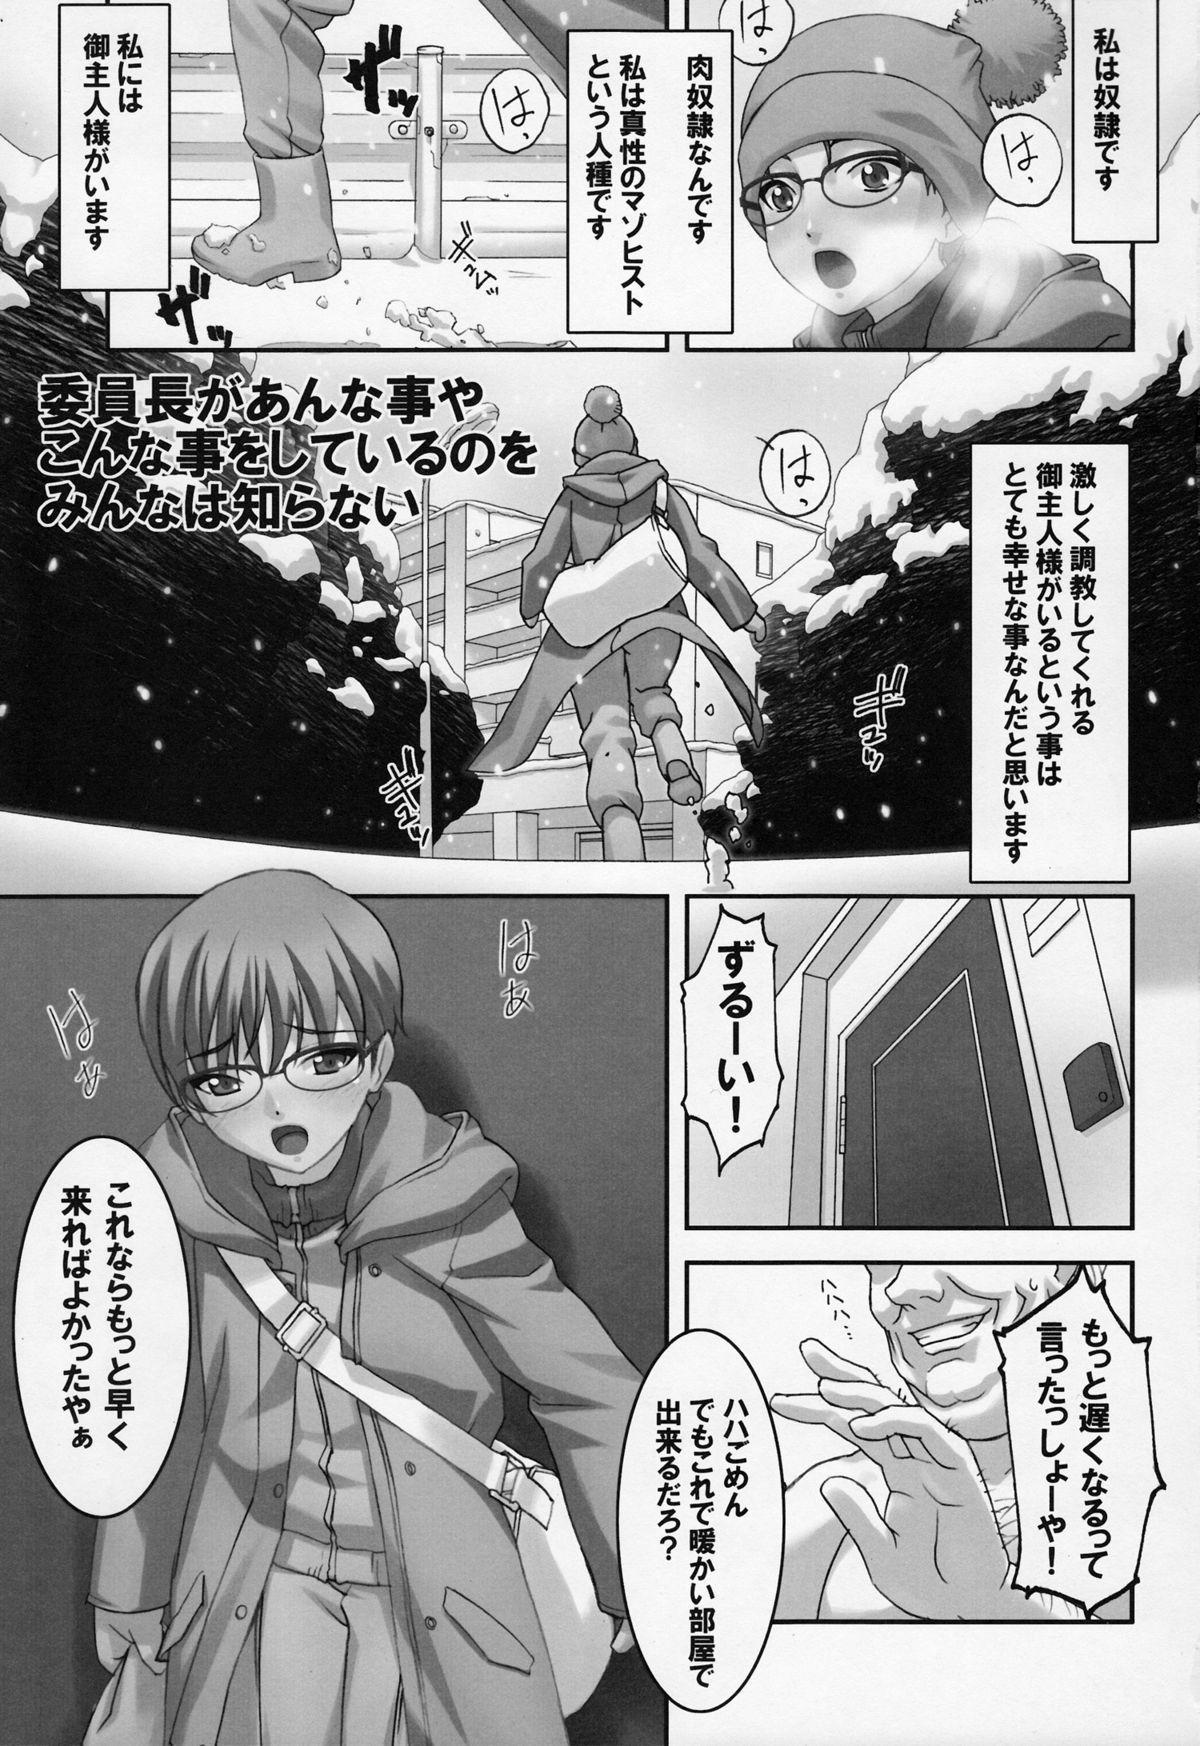 Iinchou ga Anna Koto ya Konna Koto o Shite Iru no o Minna wa Shiranai 3